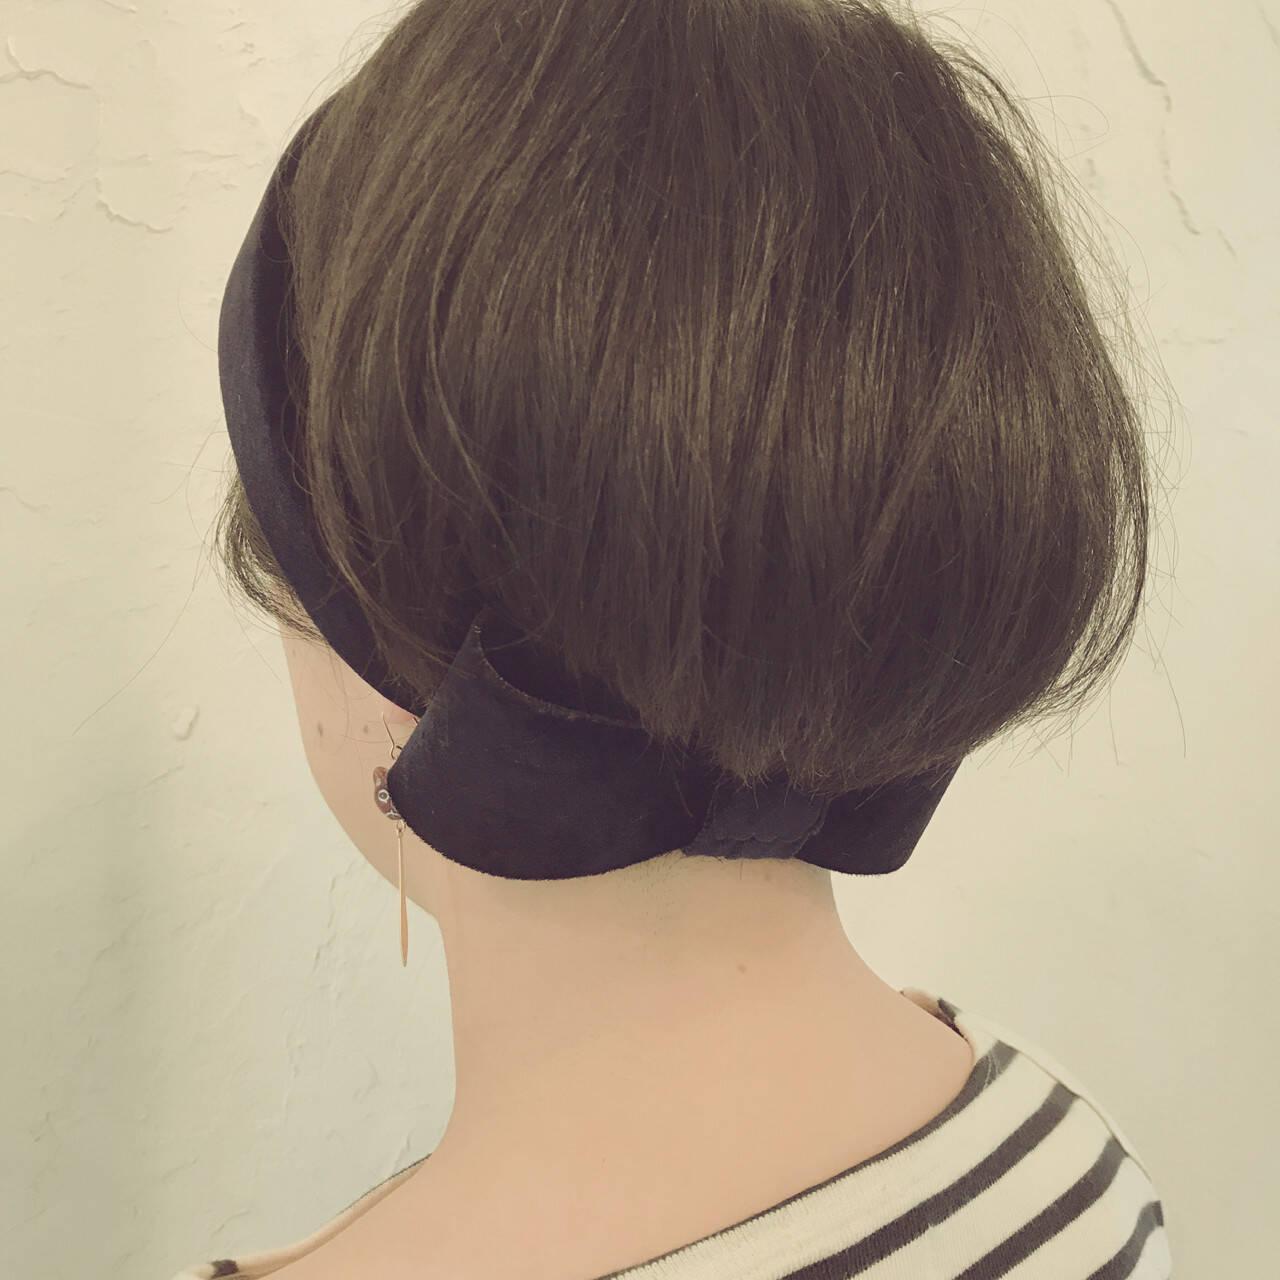 ヘアアレンジ 小顔 ボブ ヘアバンドヘアスタイルや髪型の写真・画像